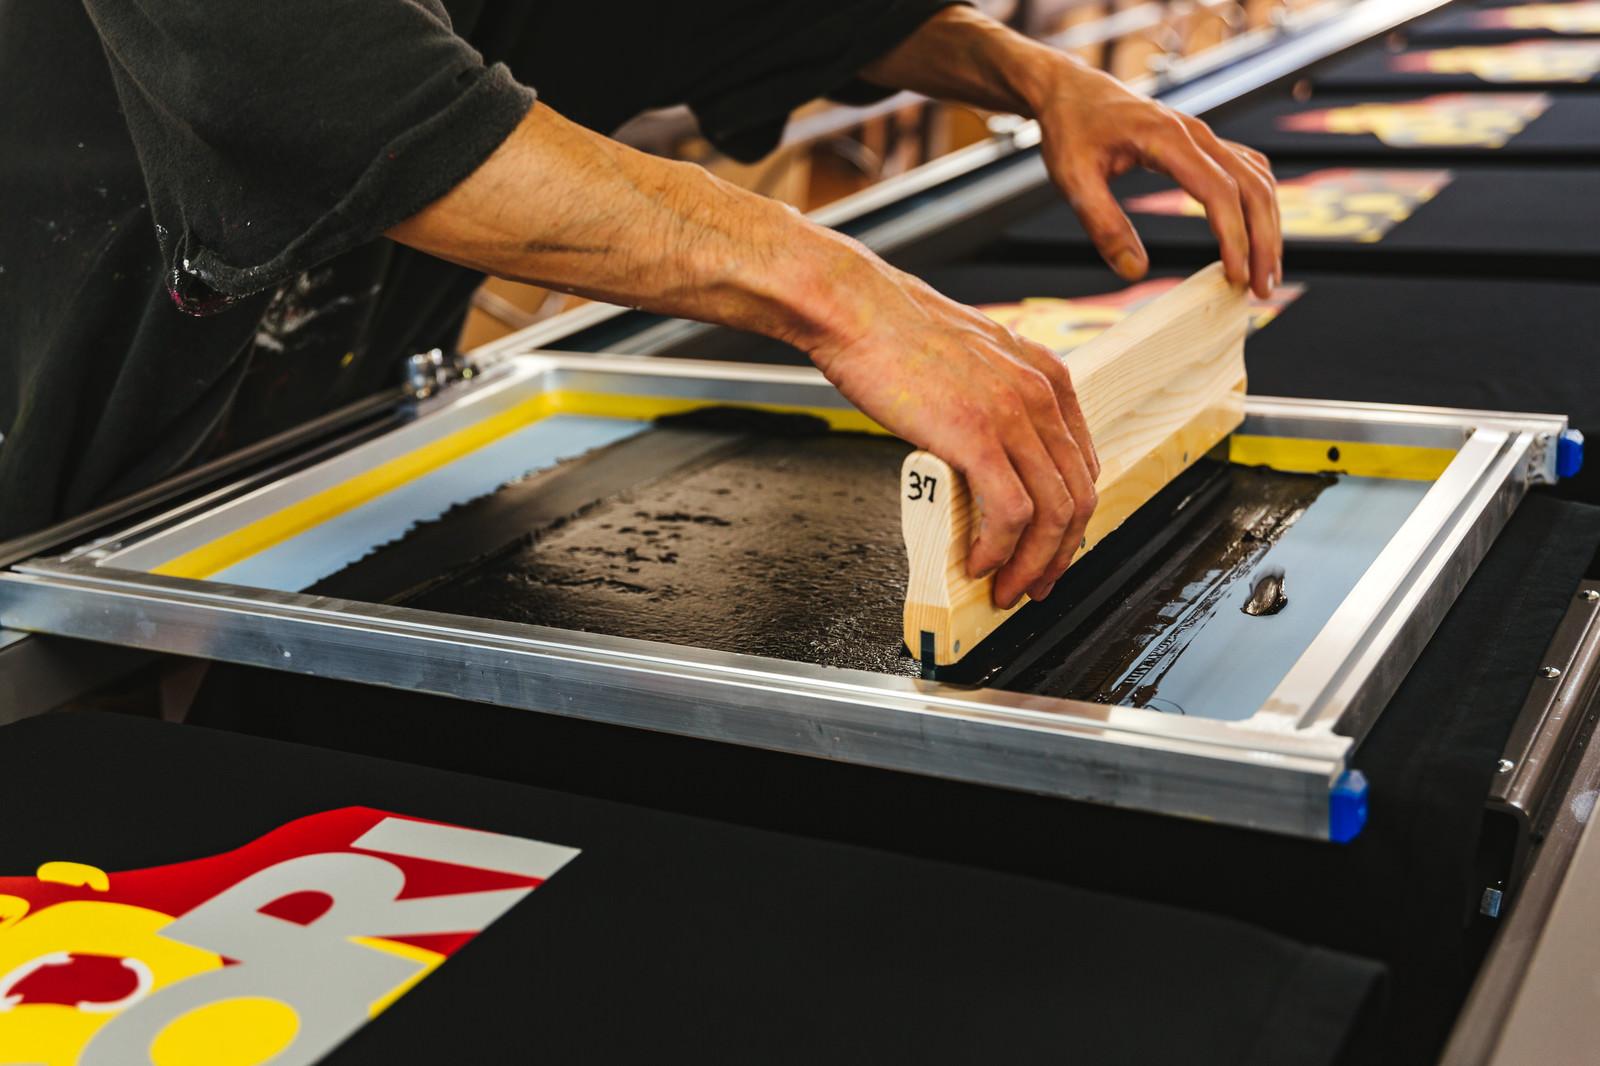 「版を使って手刷りするTシャツ工程 | 無料の写真素材はフリー素材のぱくたそ」の写真